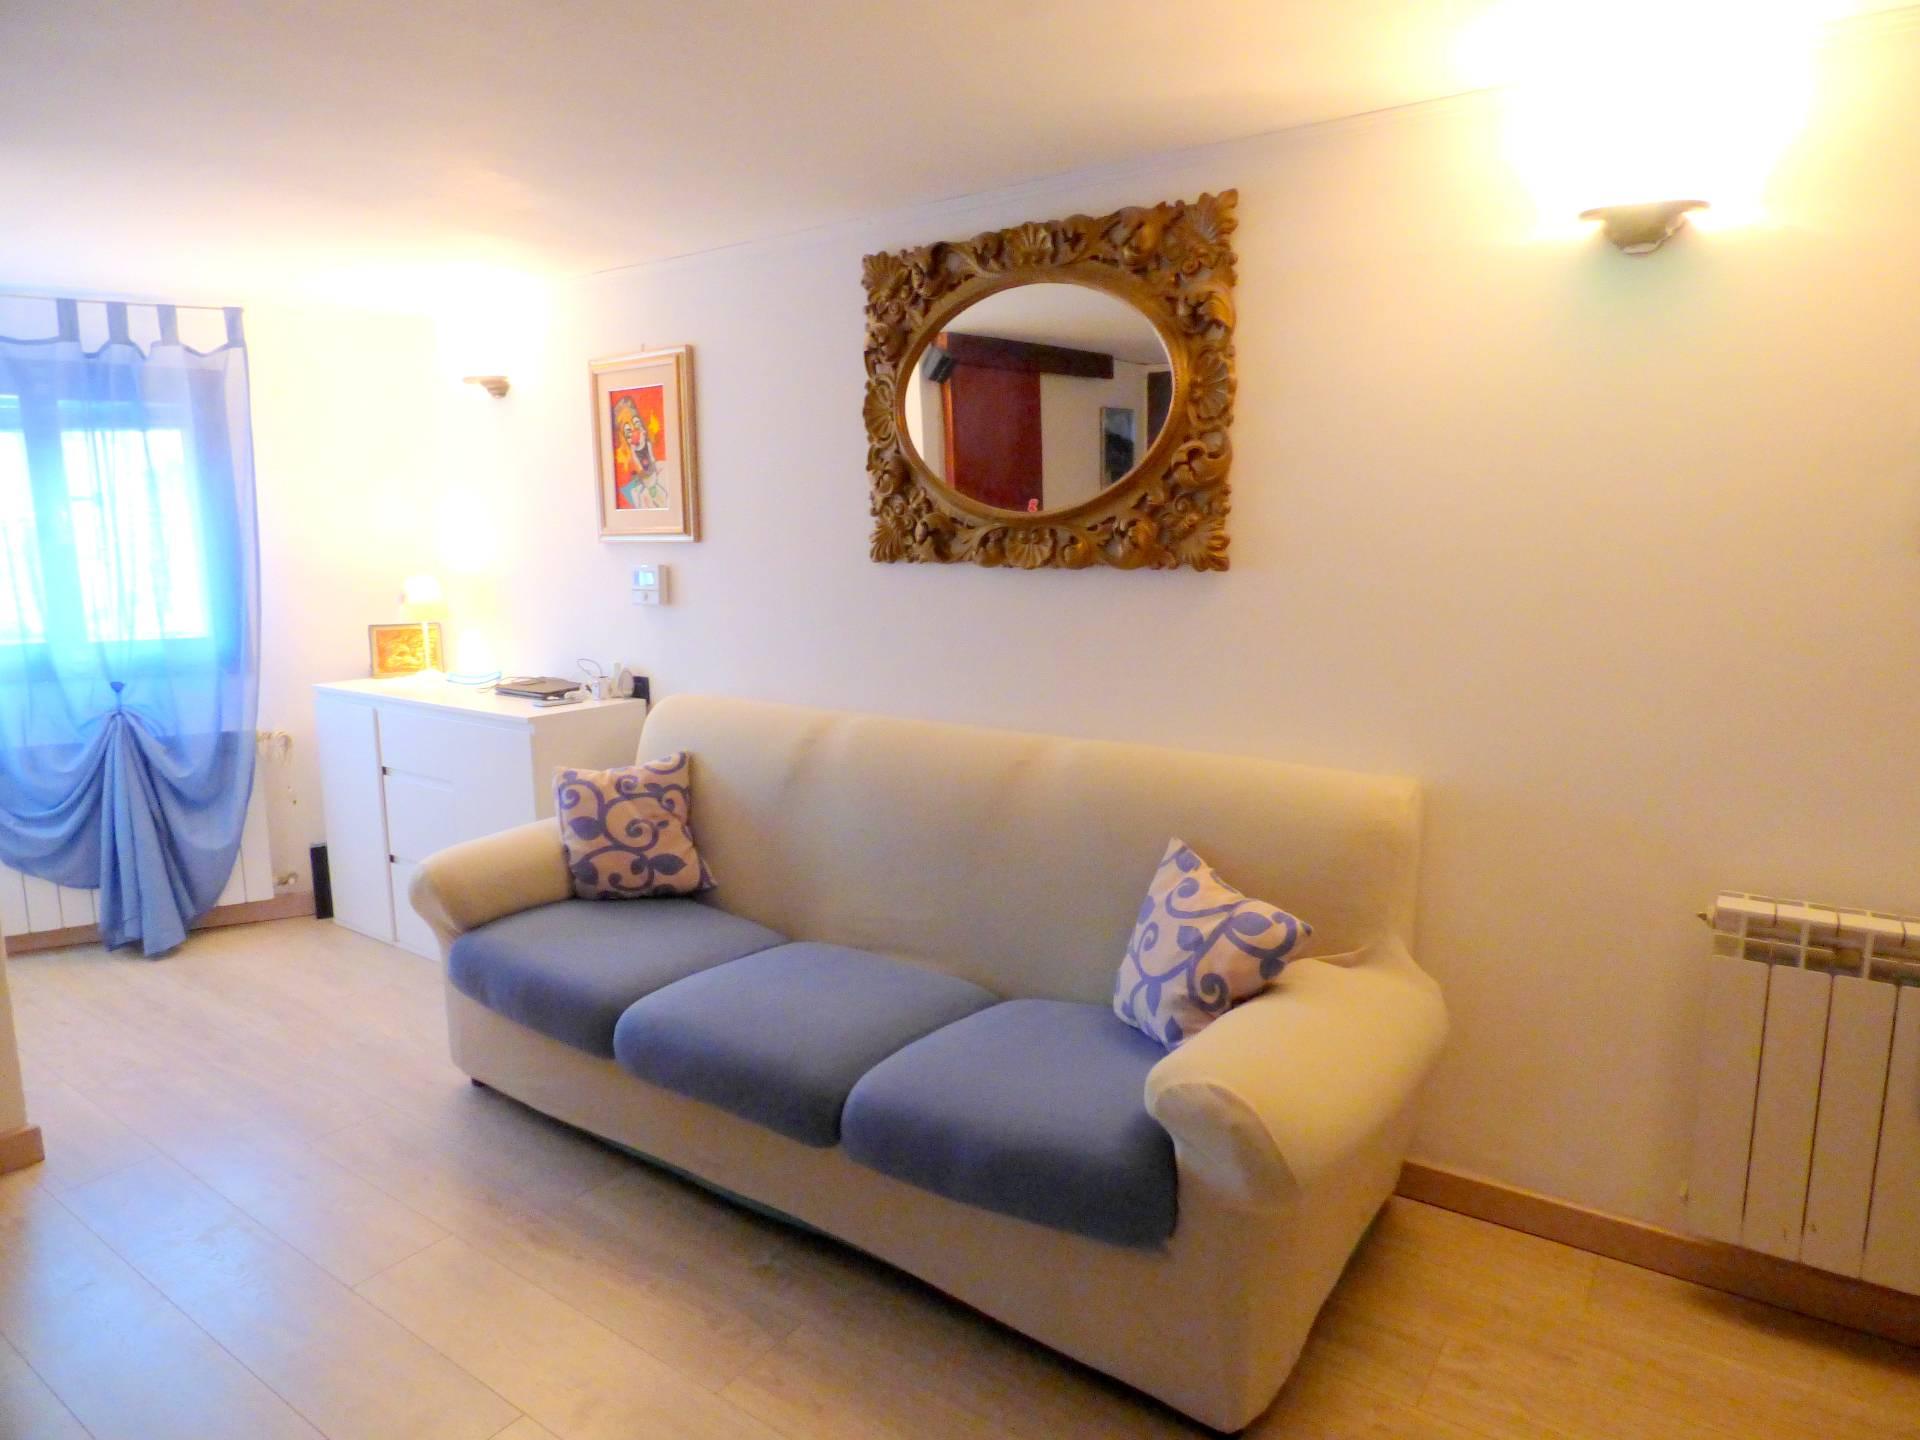 Appartamento in vendita a Venezia, 4 locali, zona Zona: 4 . Castello, prezzo € 249.000   Cambio Casa.it